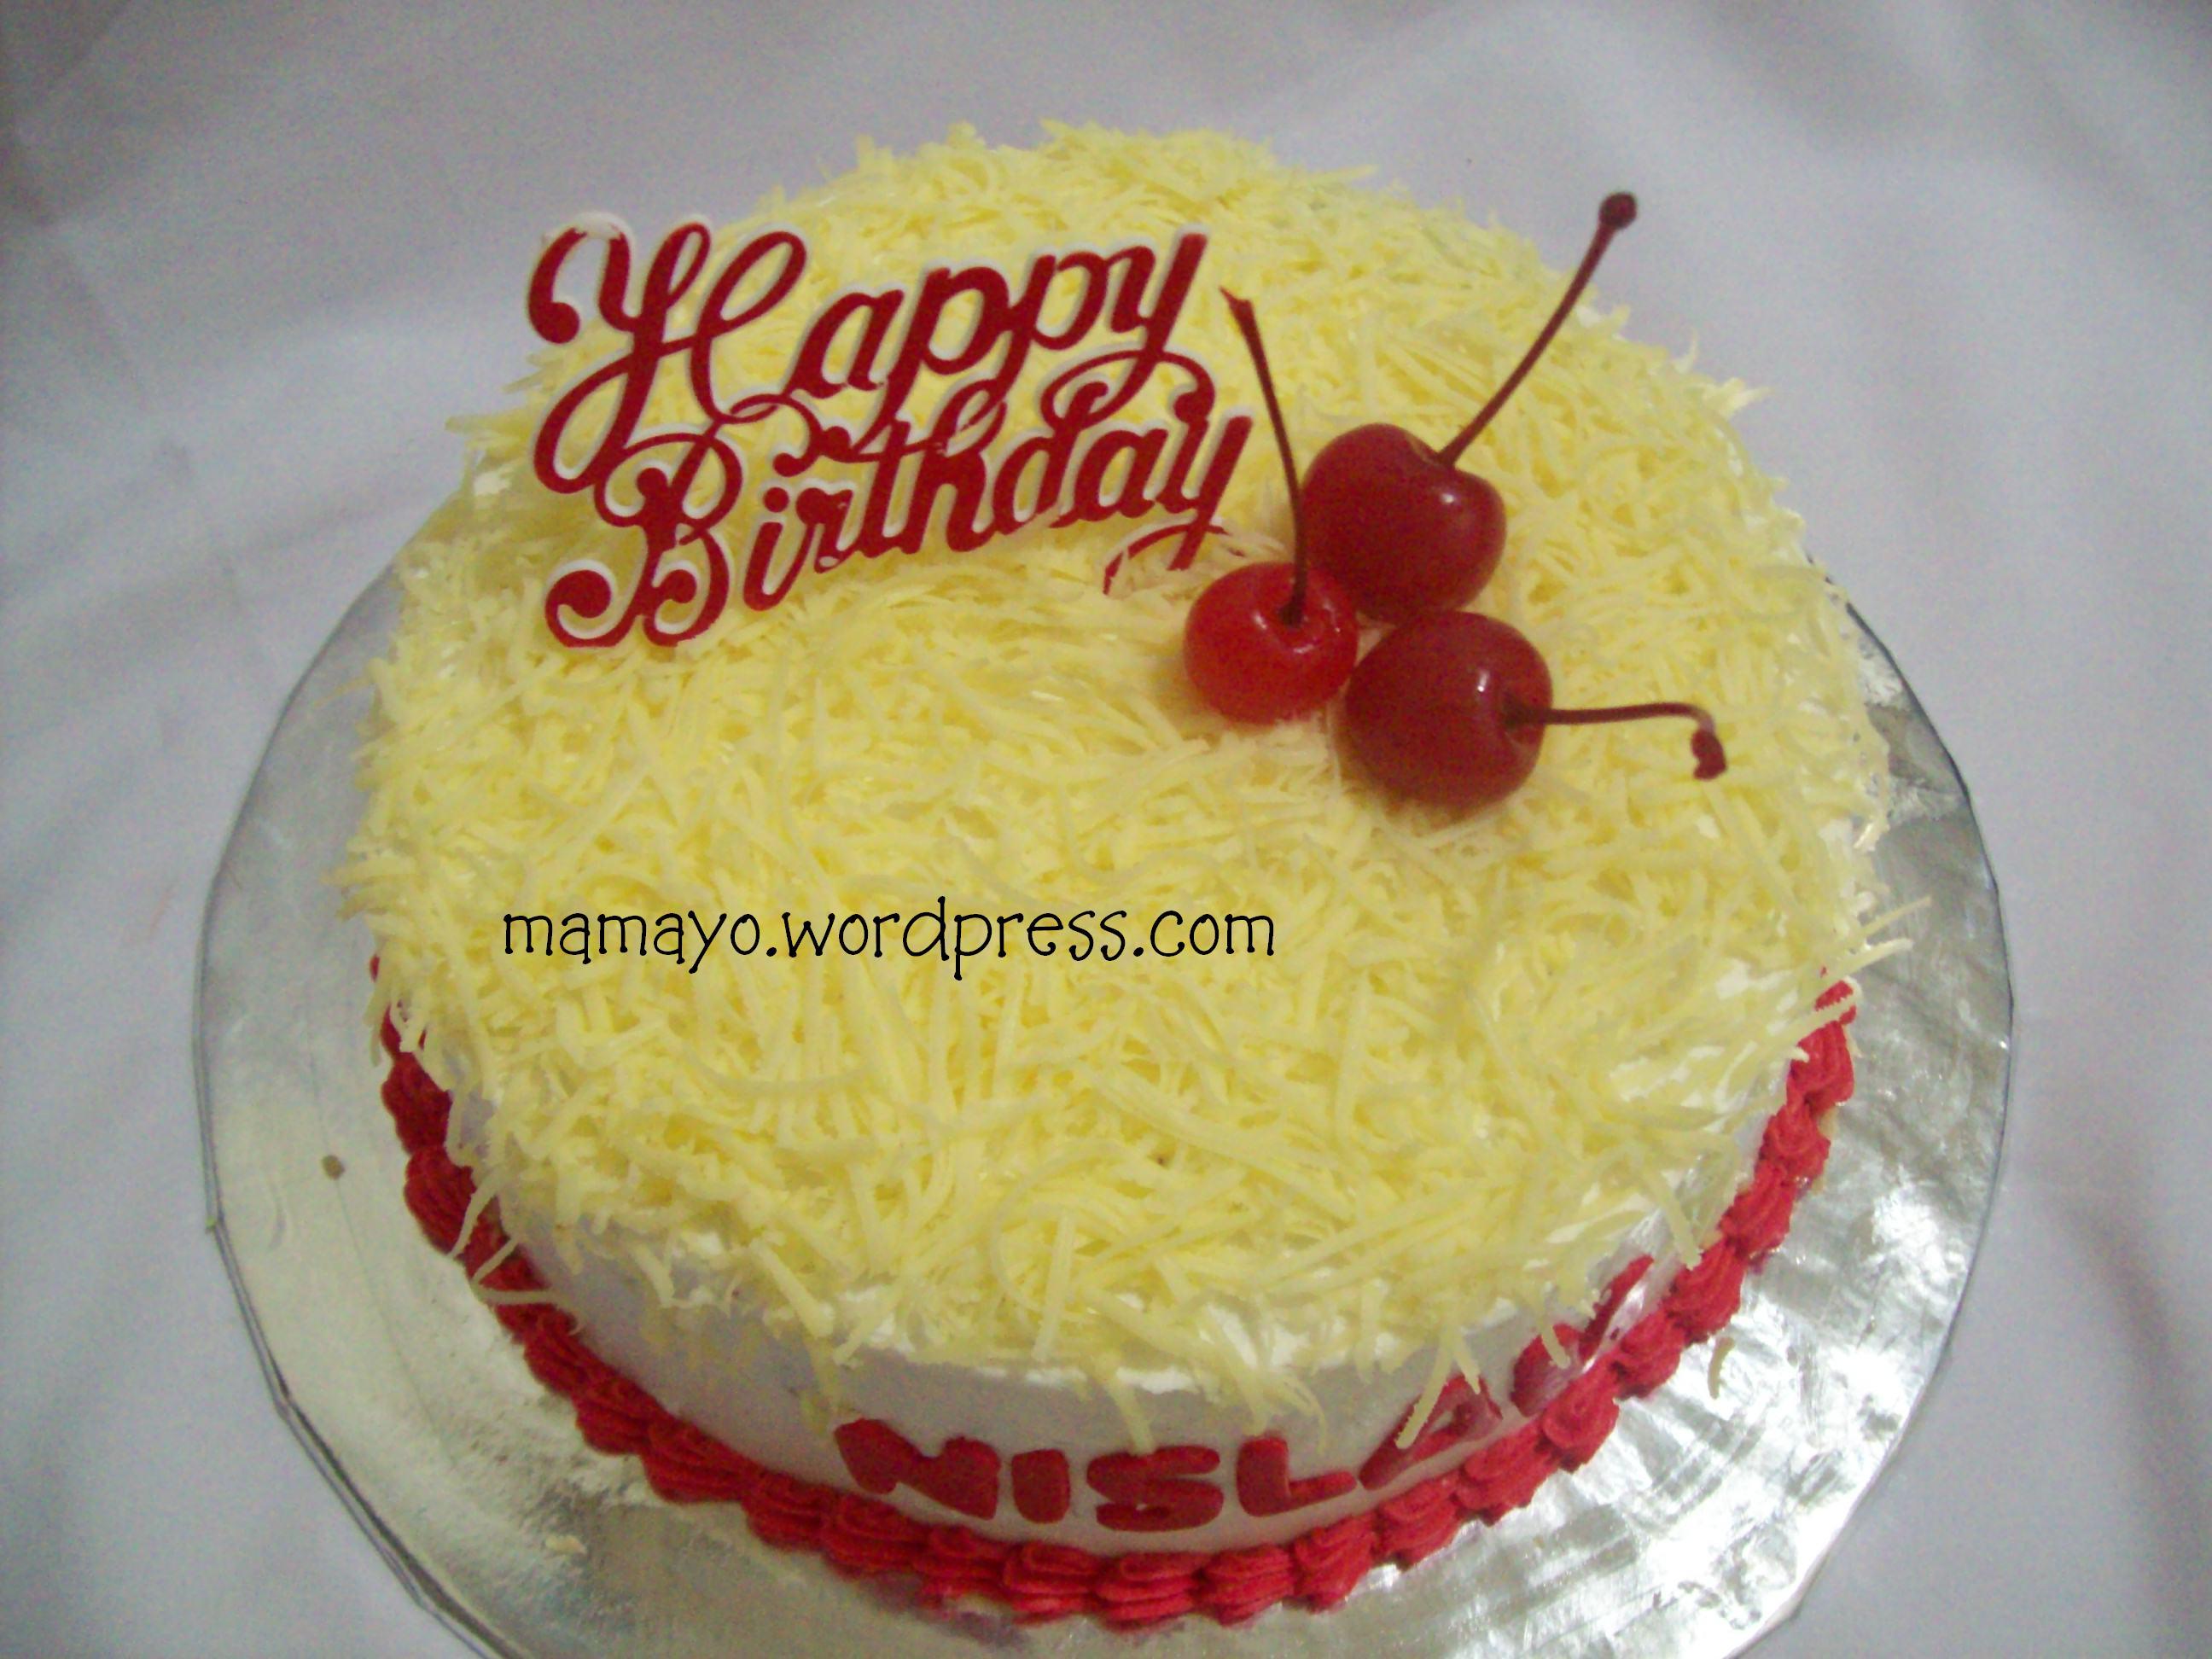 Cake sederhana buat ultah mbak nislam .. selamat ultah ya mbak nislam ...